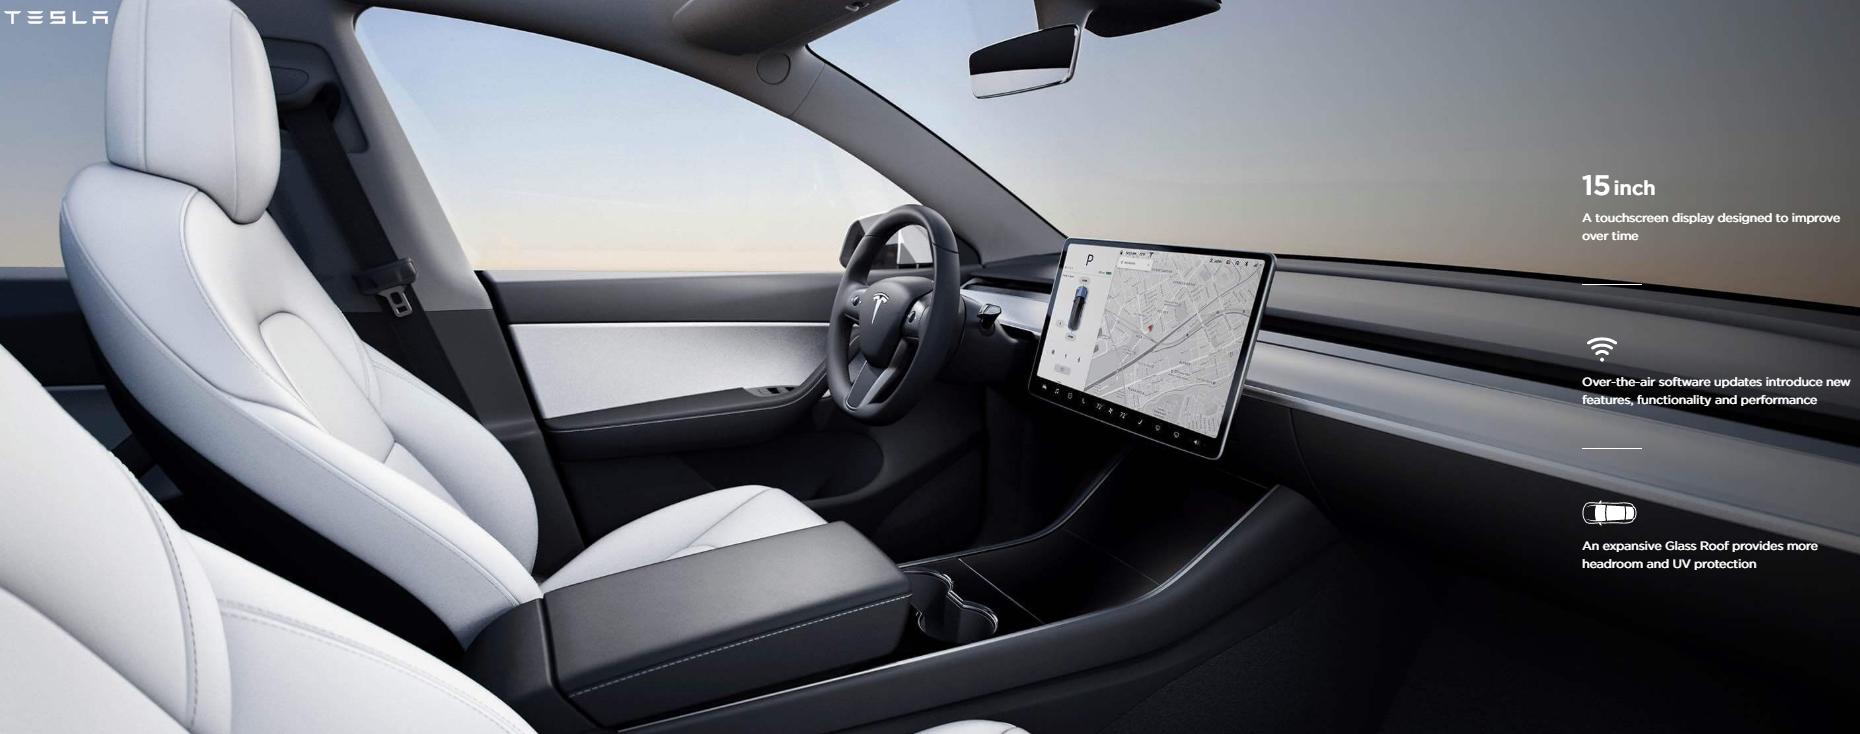 Передсерійний концепт Tesla Model Y випадково потрапив в об'єктив камери Tesla Model 3 під час дорожніх тестів